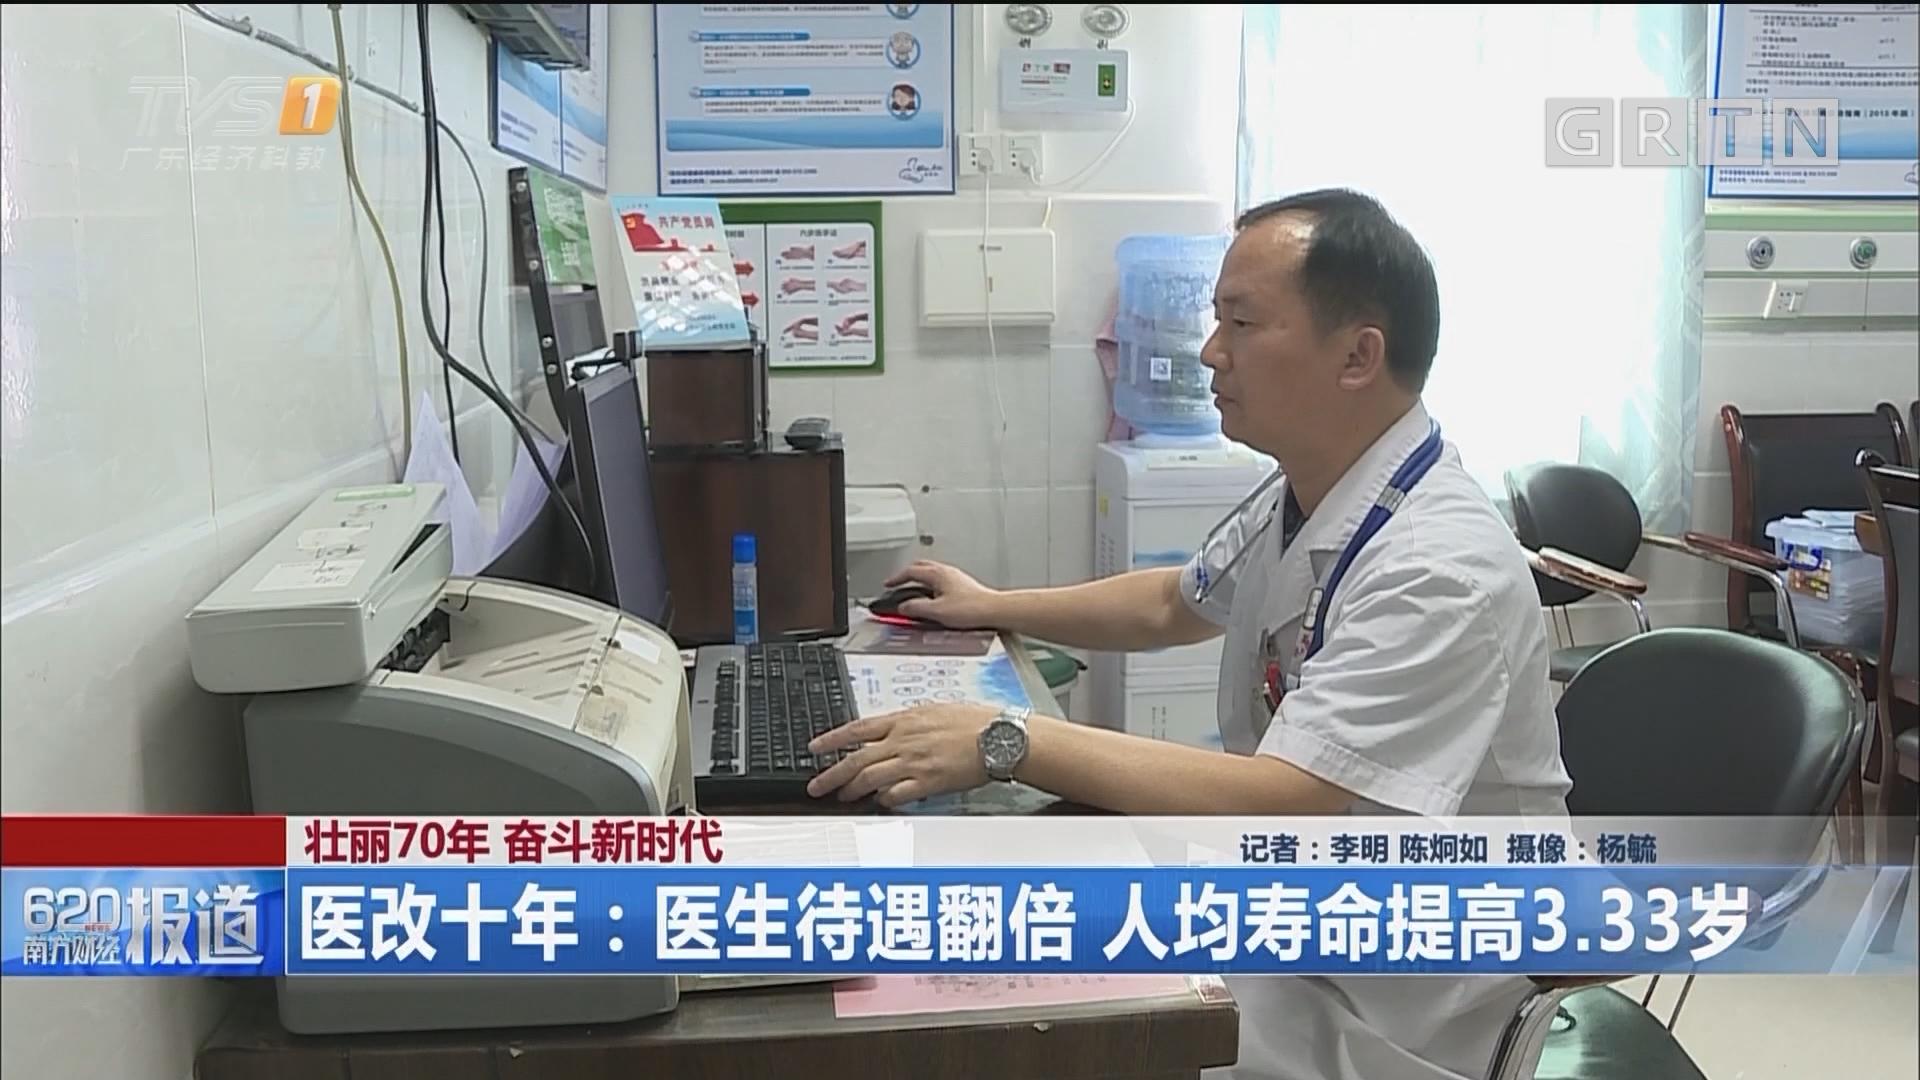 壮丽70年 奋斗新时代 医改十年:医生待遇翻倍 人均寿命提高3.33岁